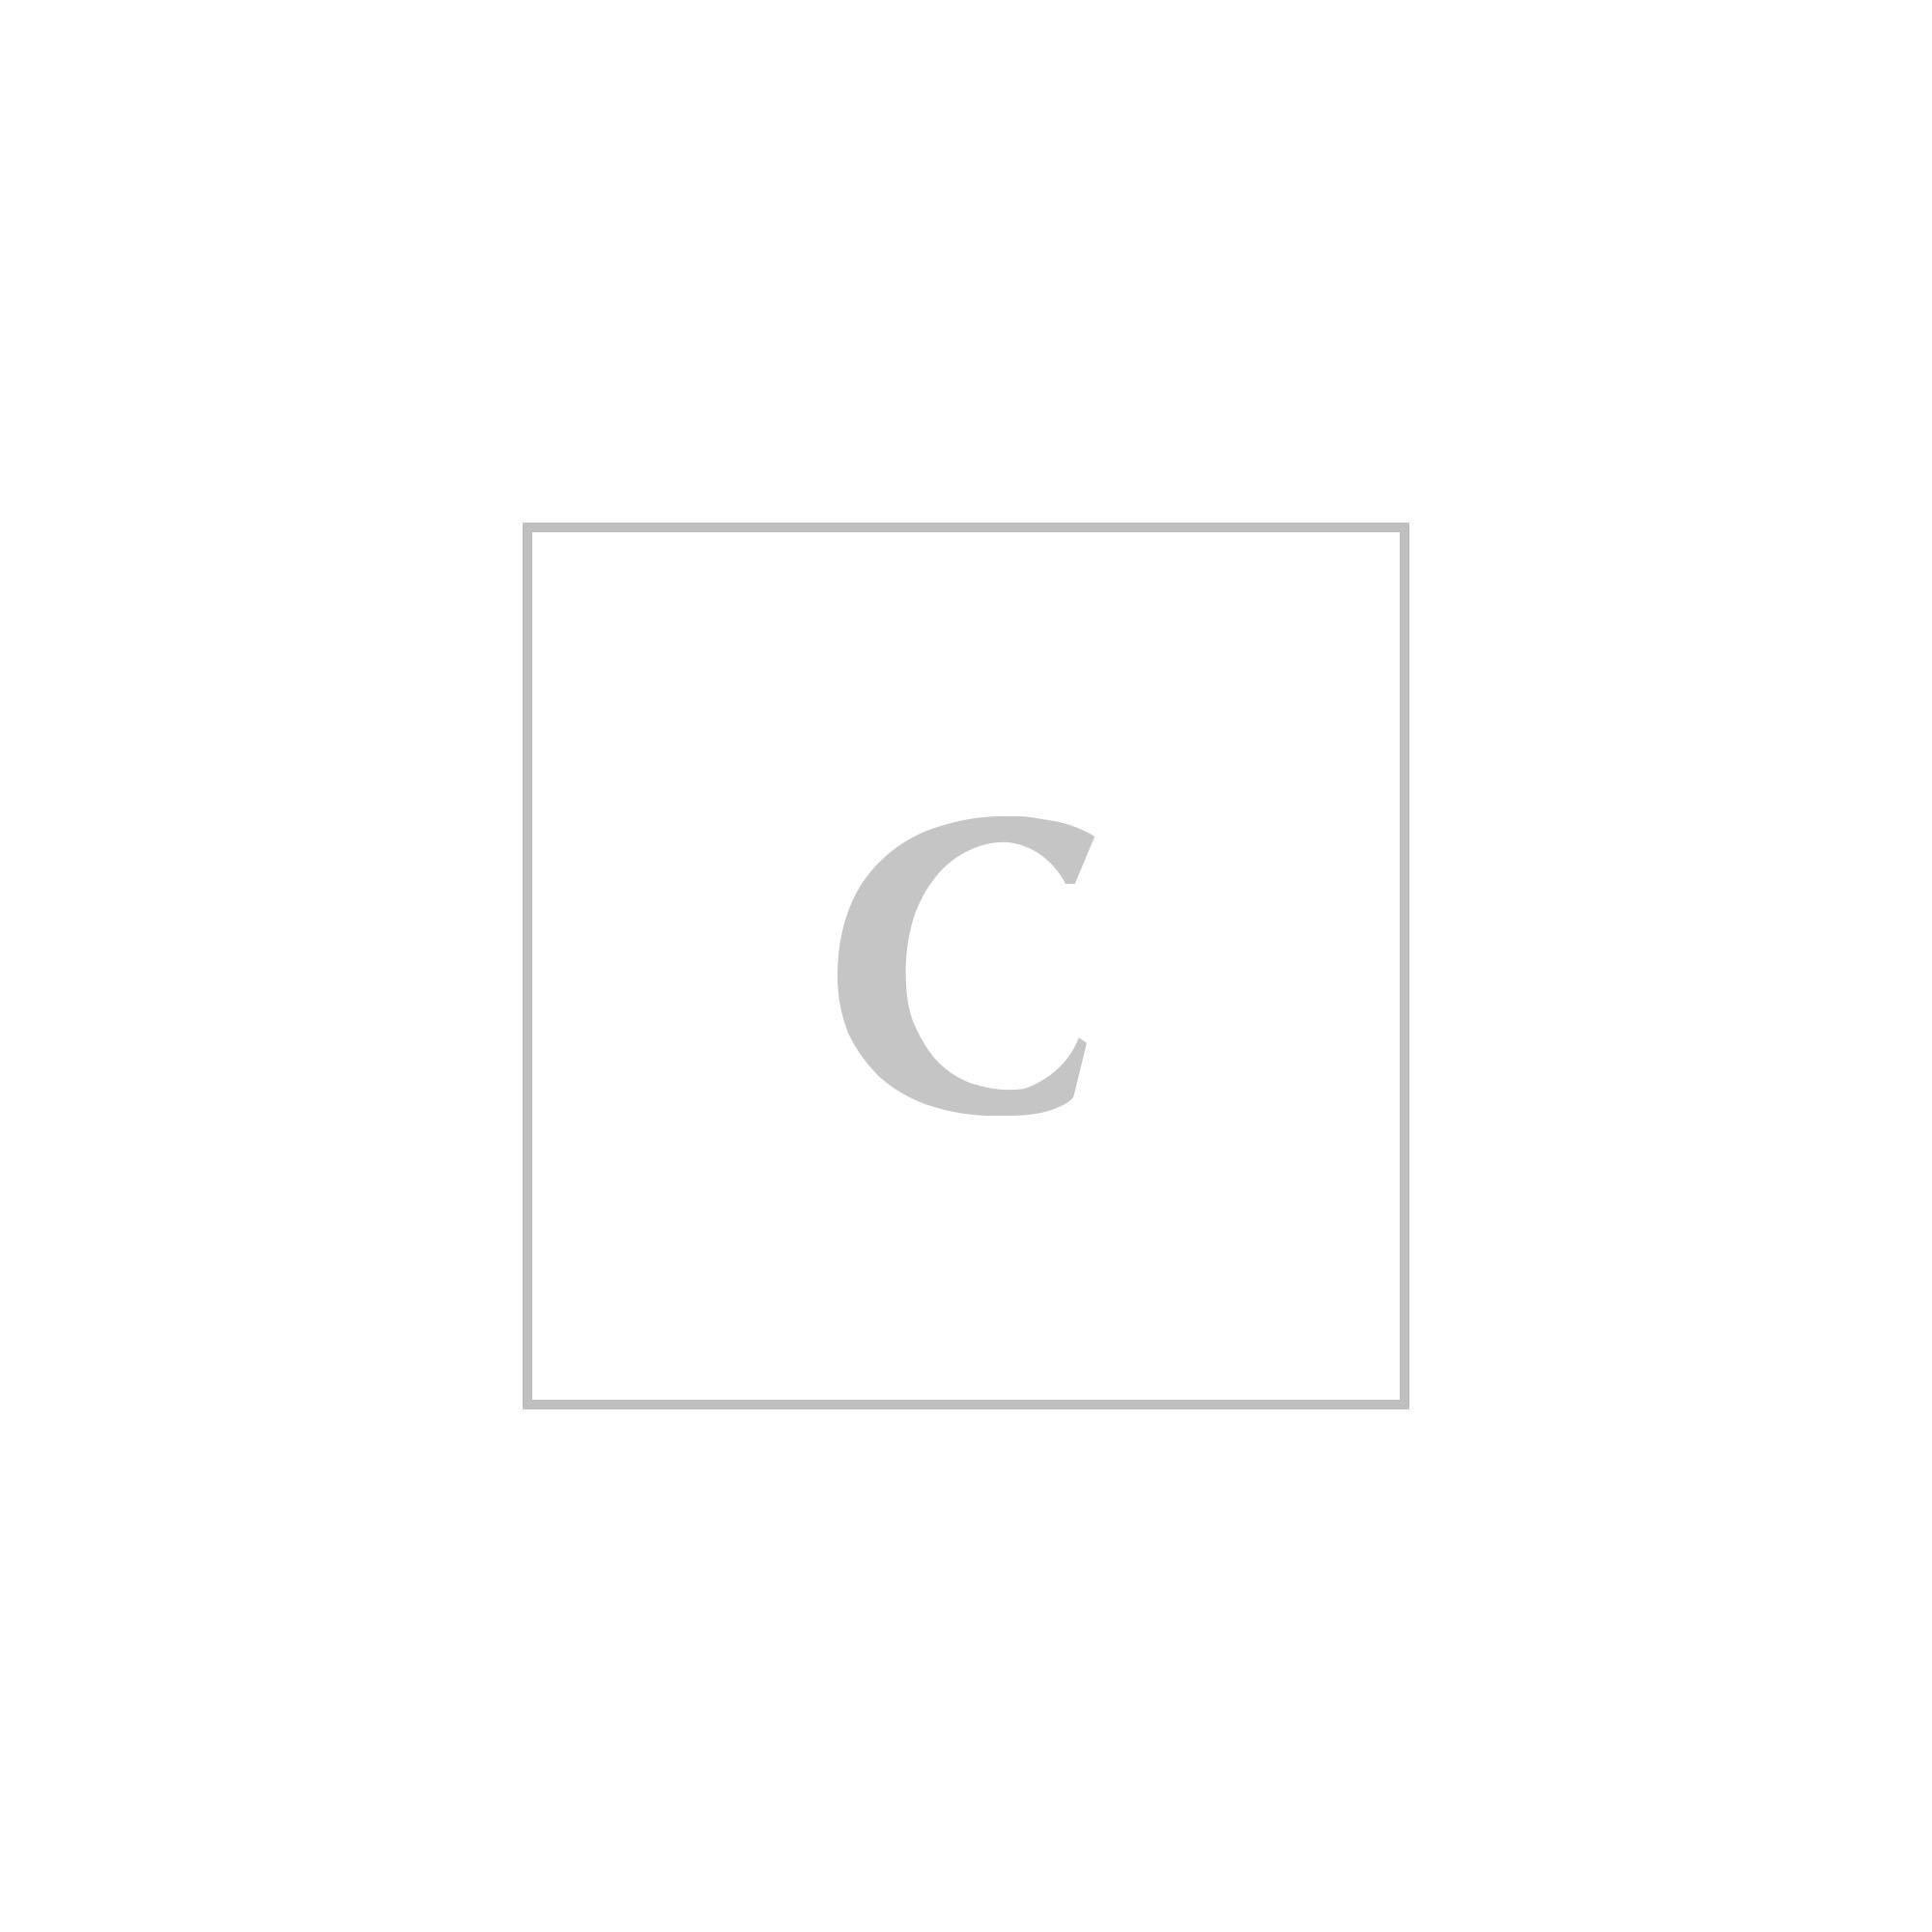 Prada cloquet ibiscus blazer